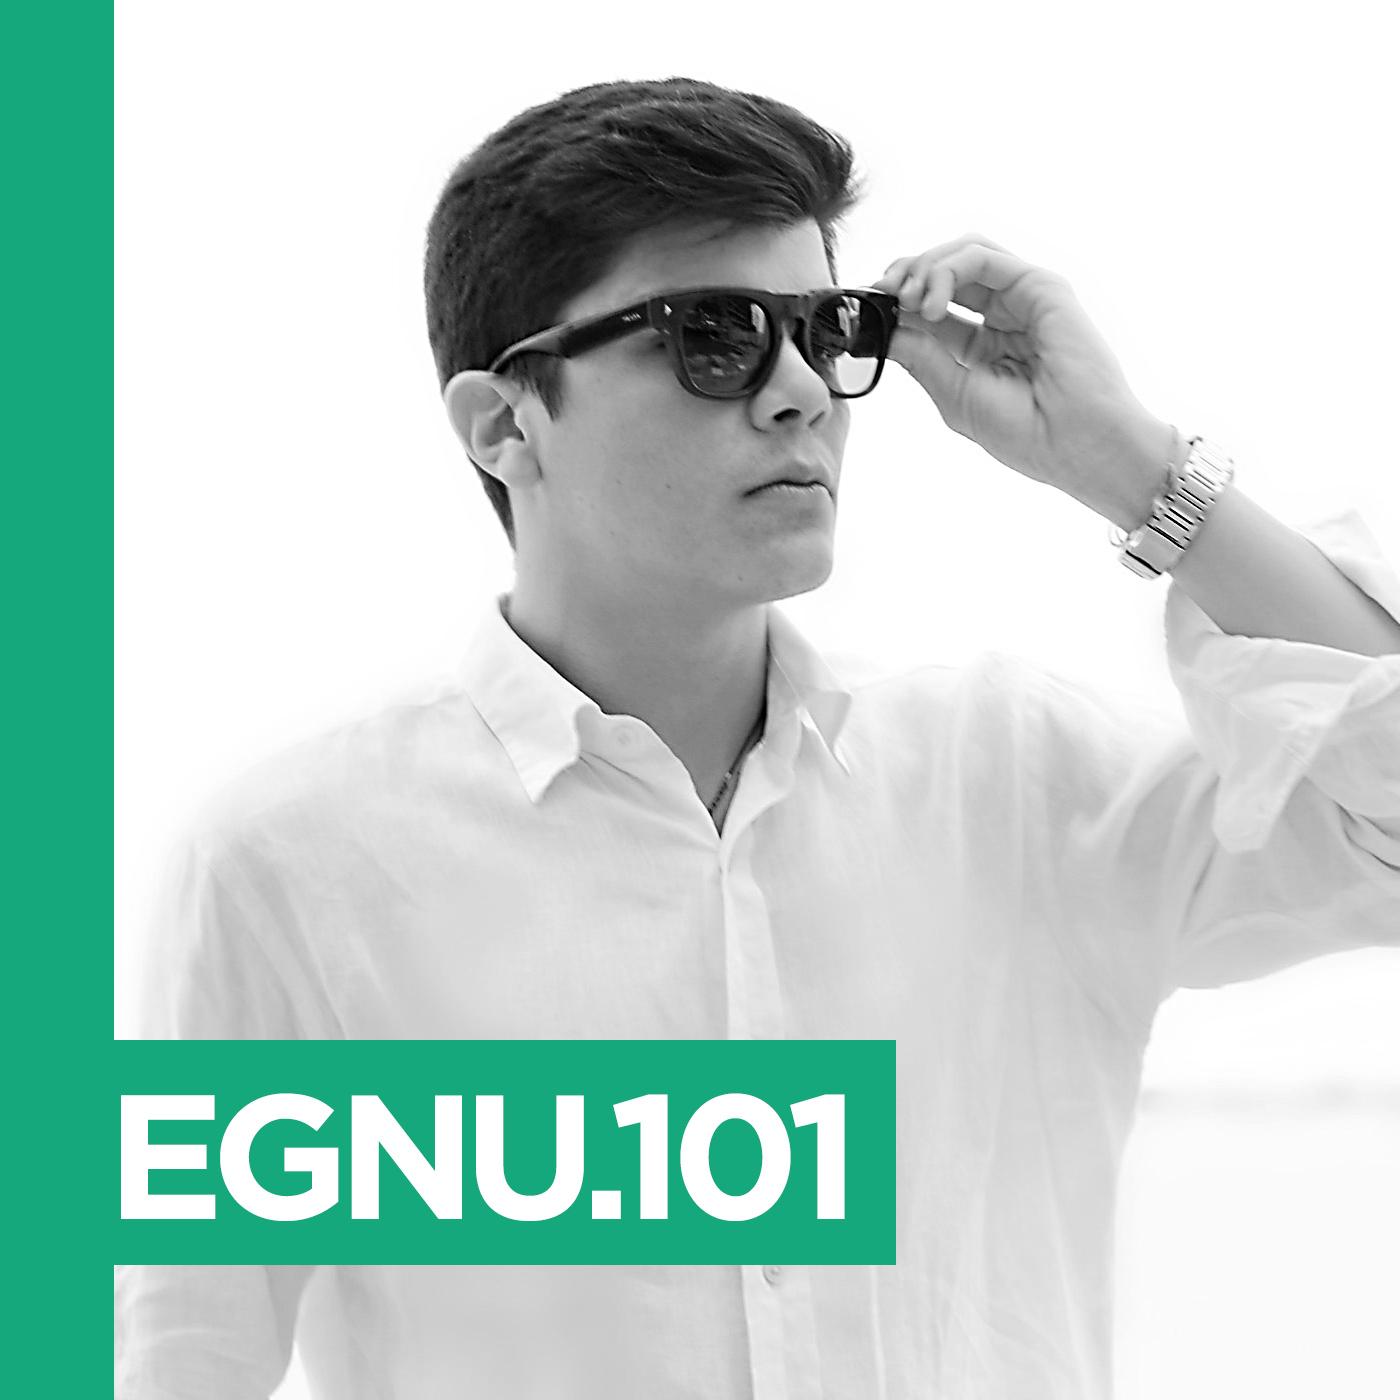 EGNU.101 Marzzeta